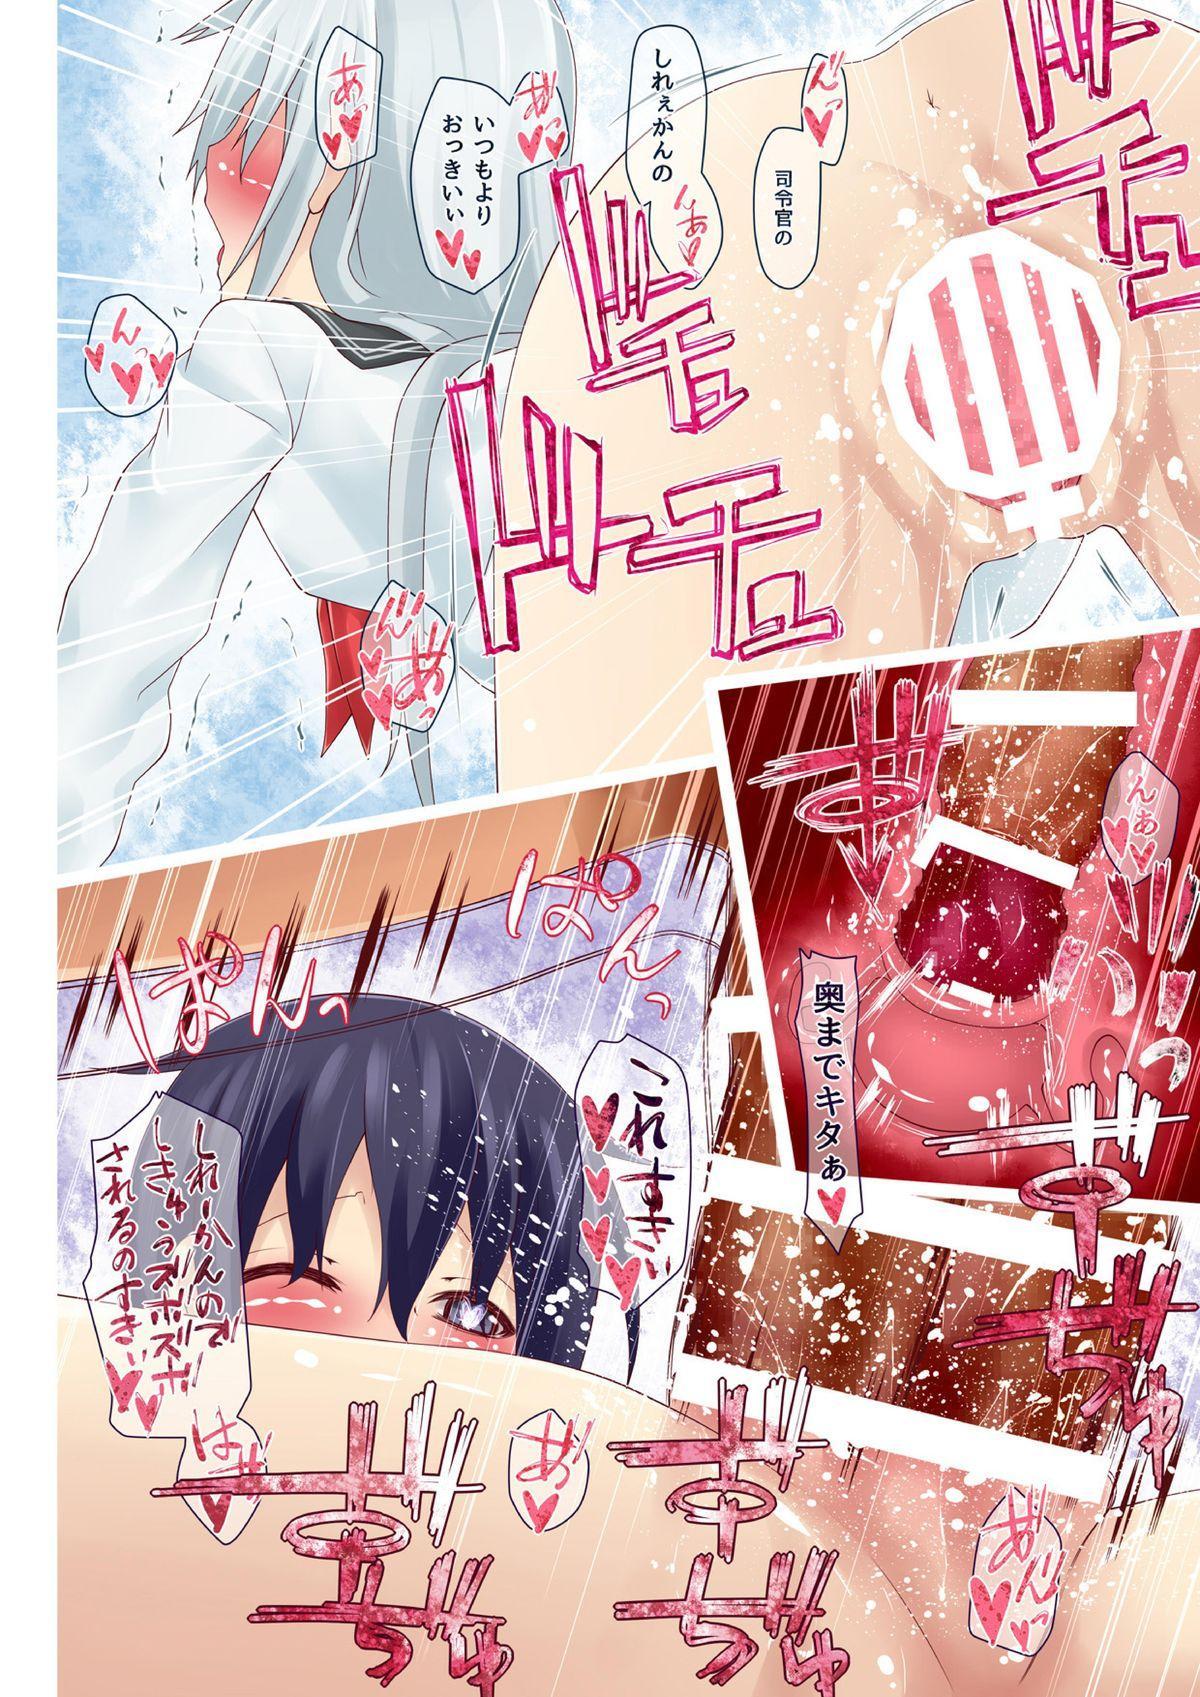 Toaru Chinjufu no Seikatsu HibiAka 11